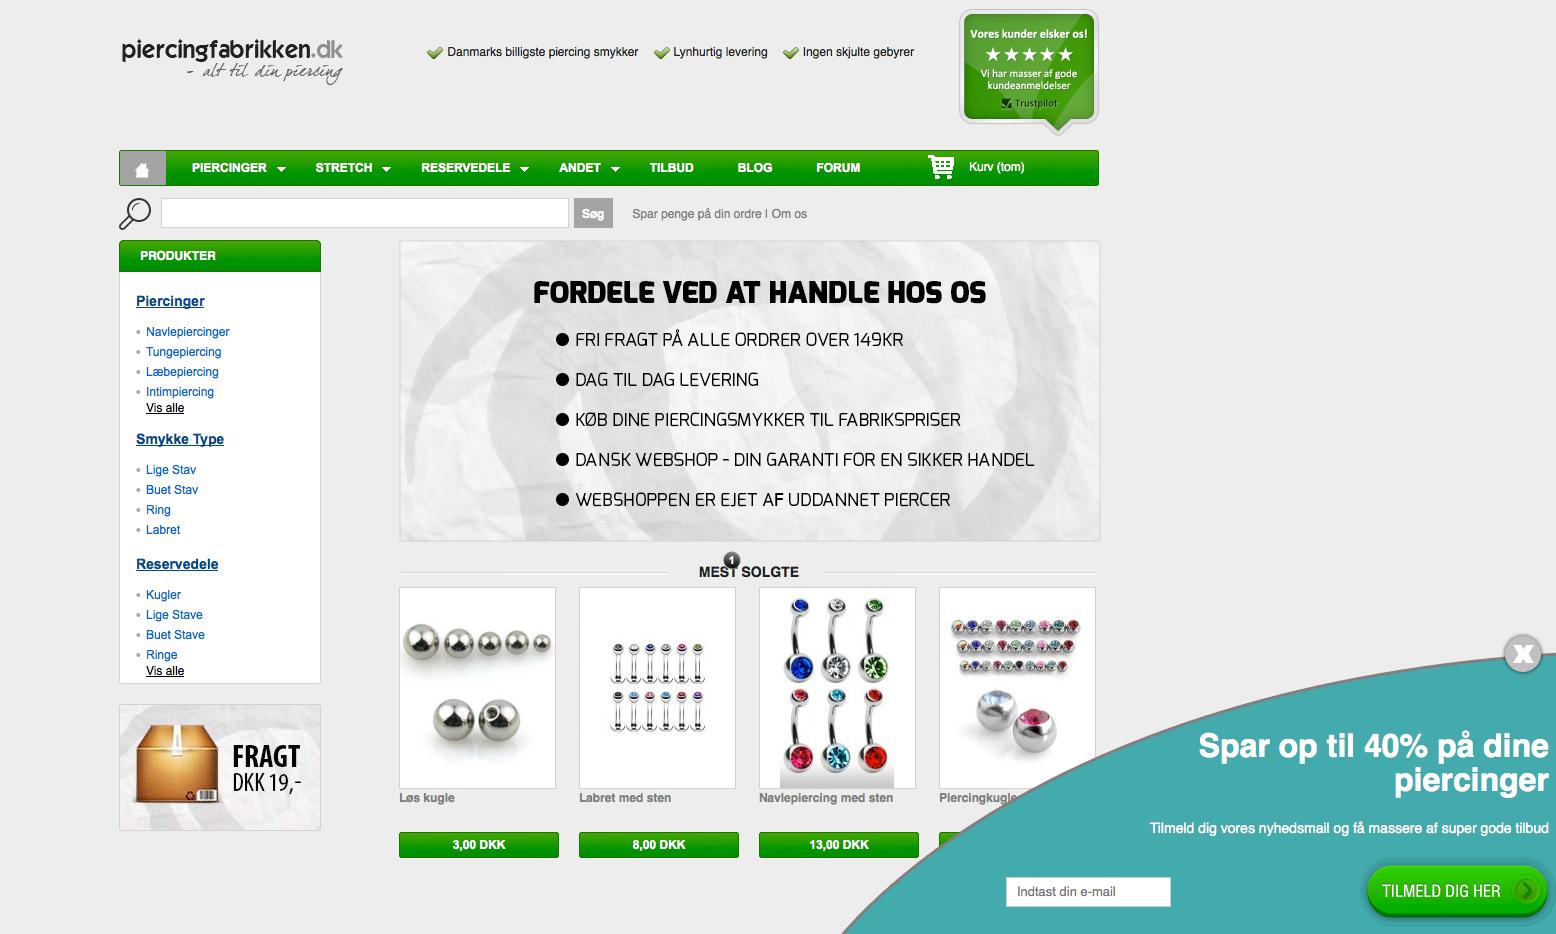 http://piercingfabrikken.dk/